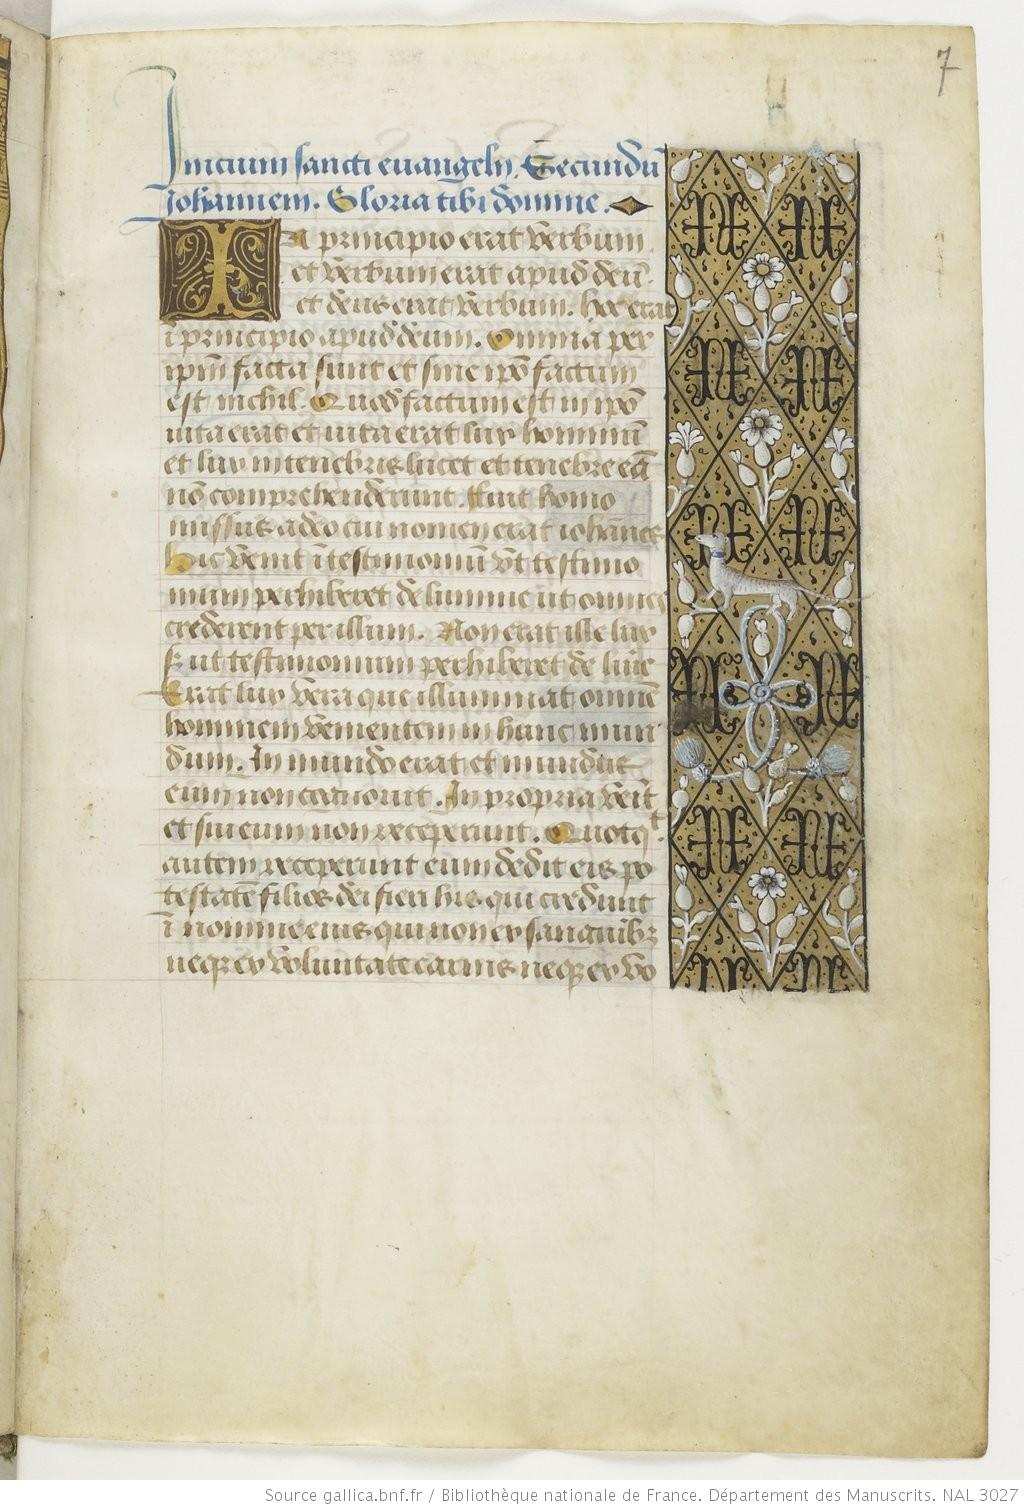 1500-05 Maitre des Triomphes de Petrarque Petites Heures d'Anne de Bretagne BNF NAL 3027 fol 7r Gallica